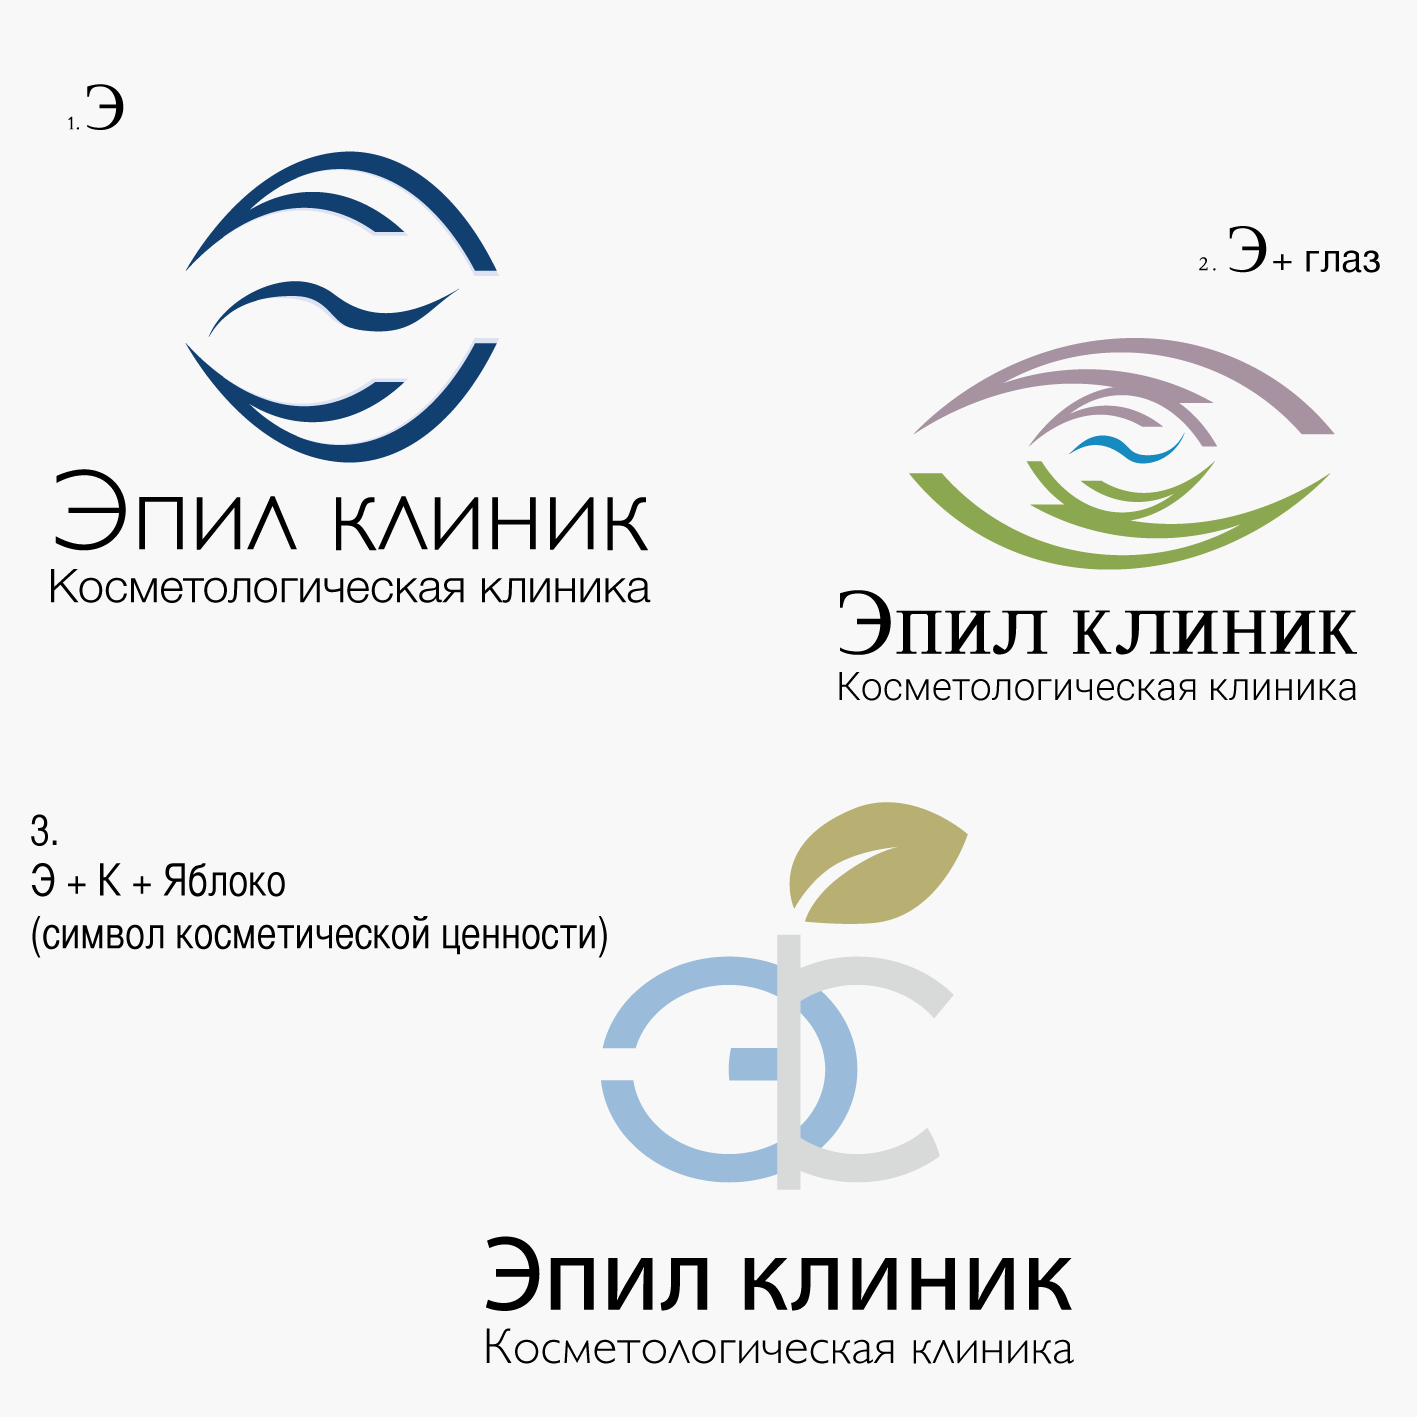 Логотип , фирменный стиль  фото f_4395e1c6e363aad4.png